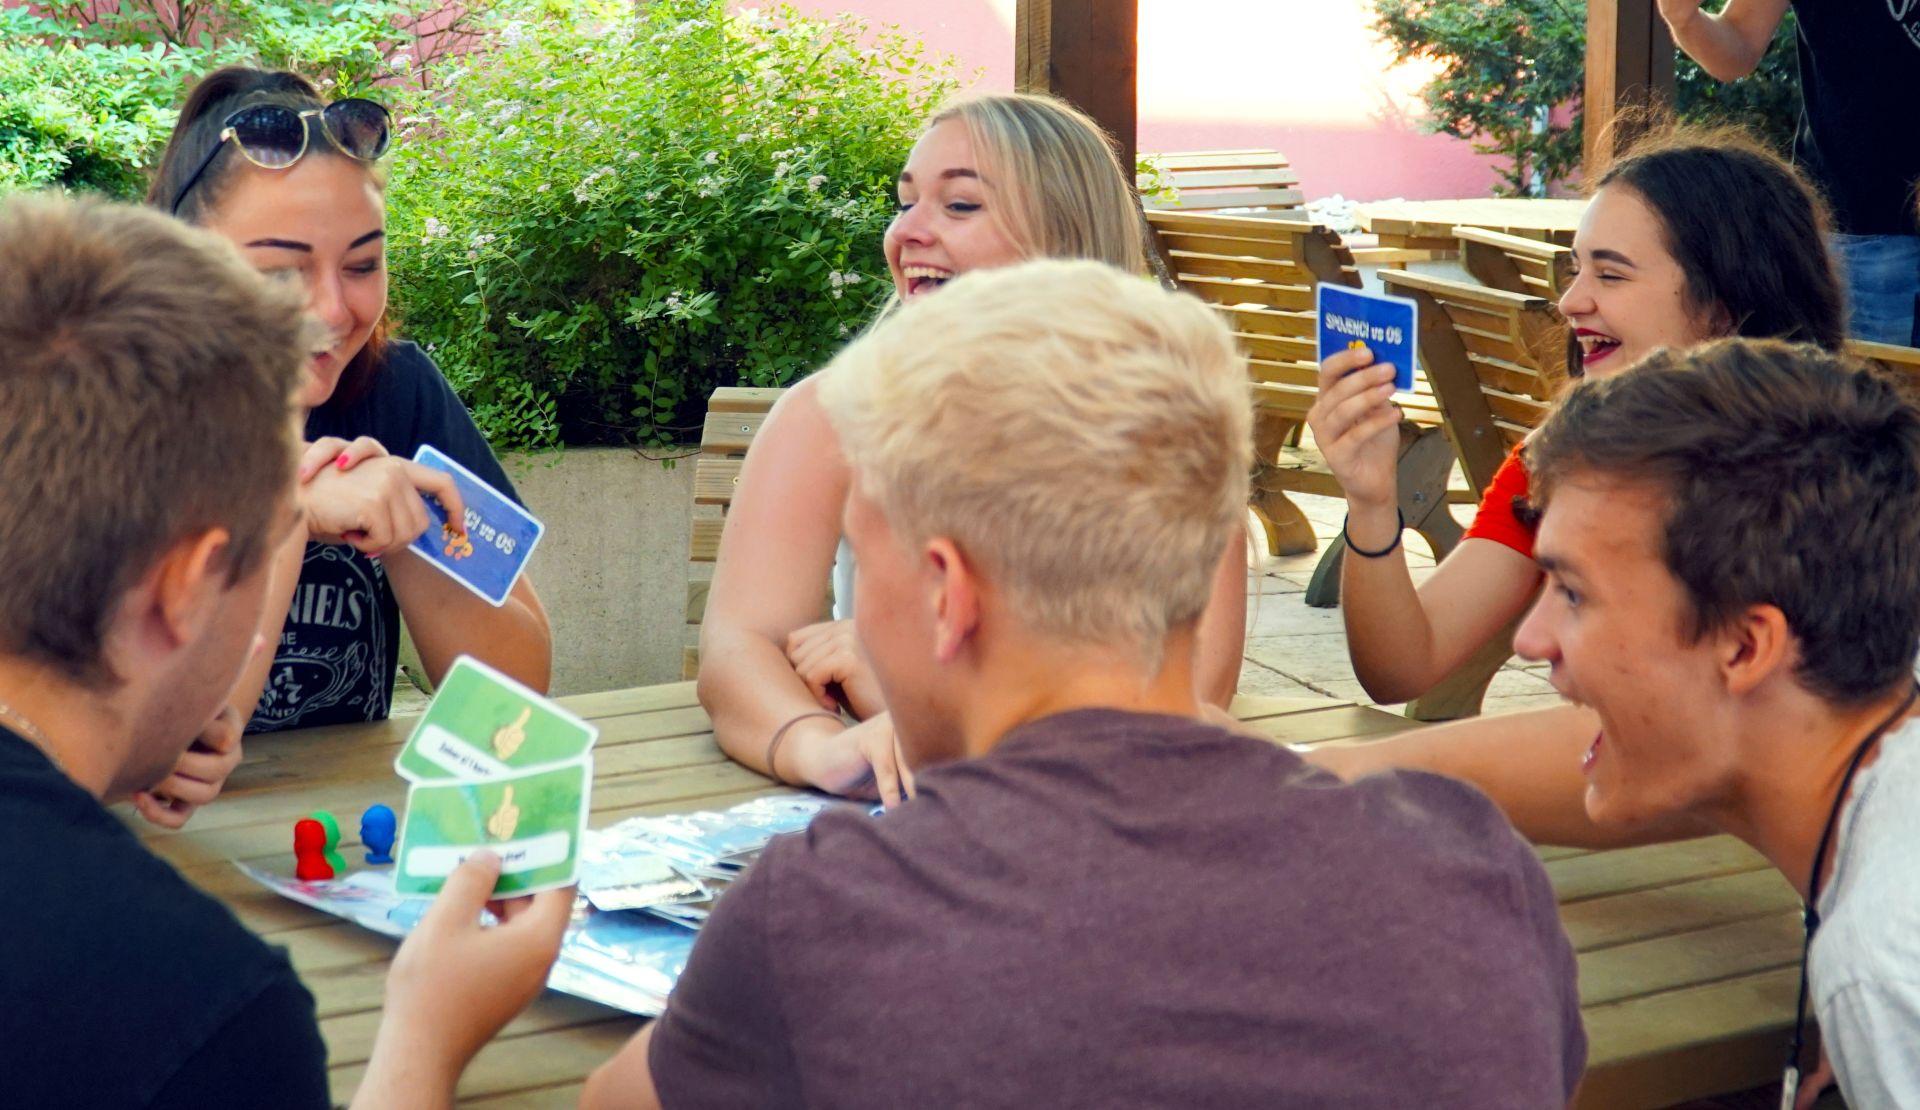 Gymnazisti z Námestova vytvorili vlastnú spoločenskú hru. Využili technológiu 3D tlače   Inovujme.sk